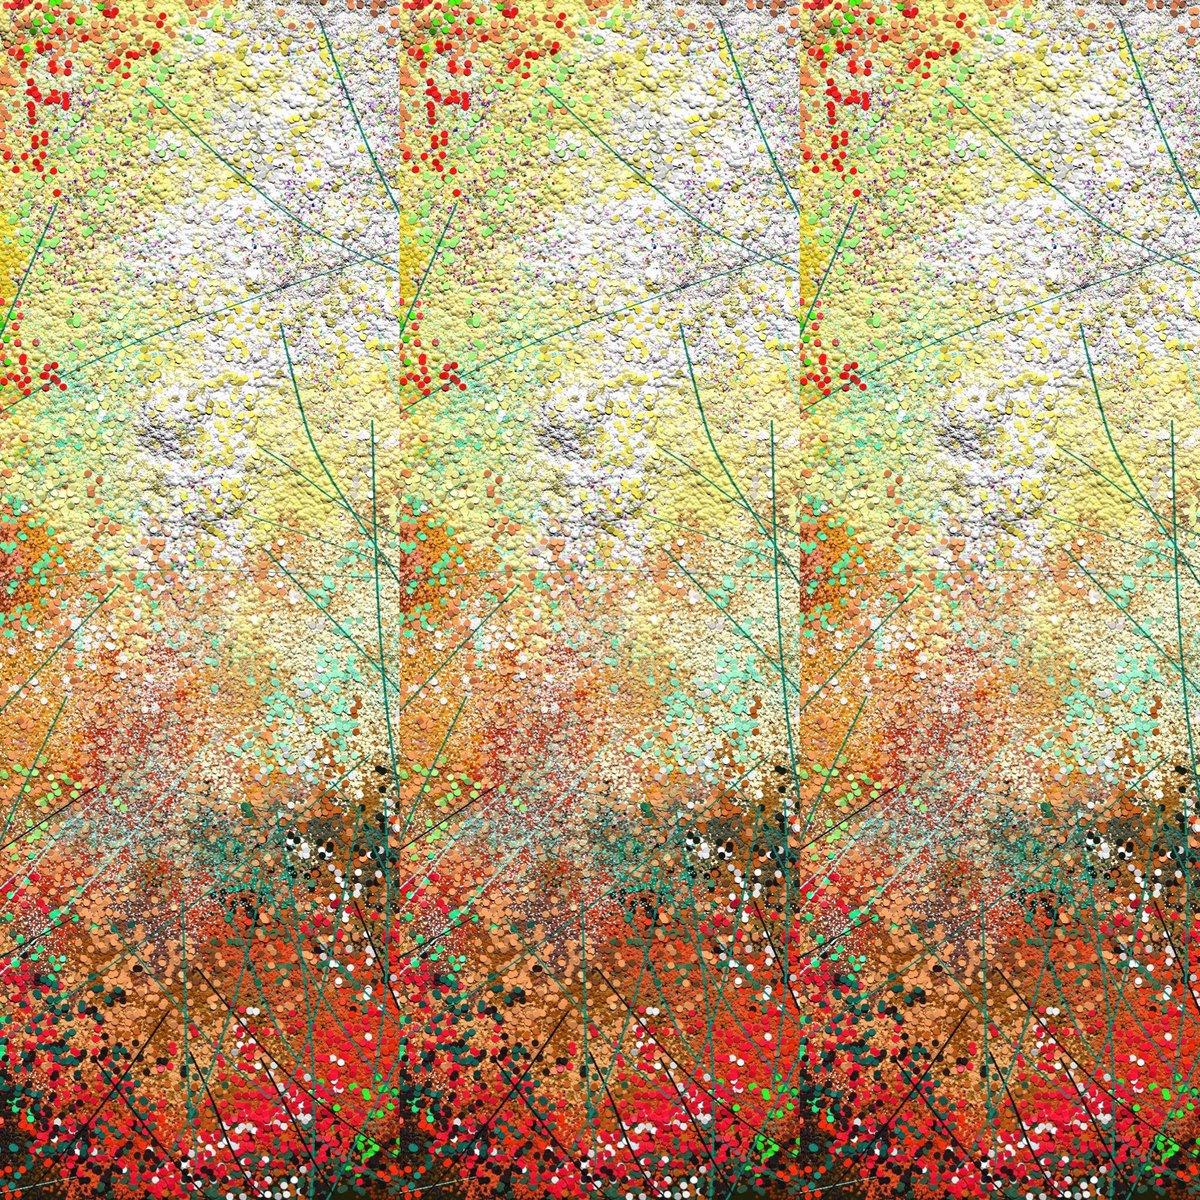 Giving new meaning to #FineArt 🌐👉 https://www.artistsamaraweera.com/digitalstore/  #homedesign #art #abstractart #abstract #followme #officedecor #artist #abstractarts #abstracted #abstractexpressionism #abstractexpressionist #abstraction #abstractors #color #colour #creative #myart #painting